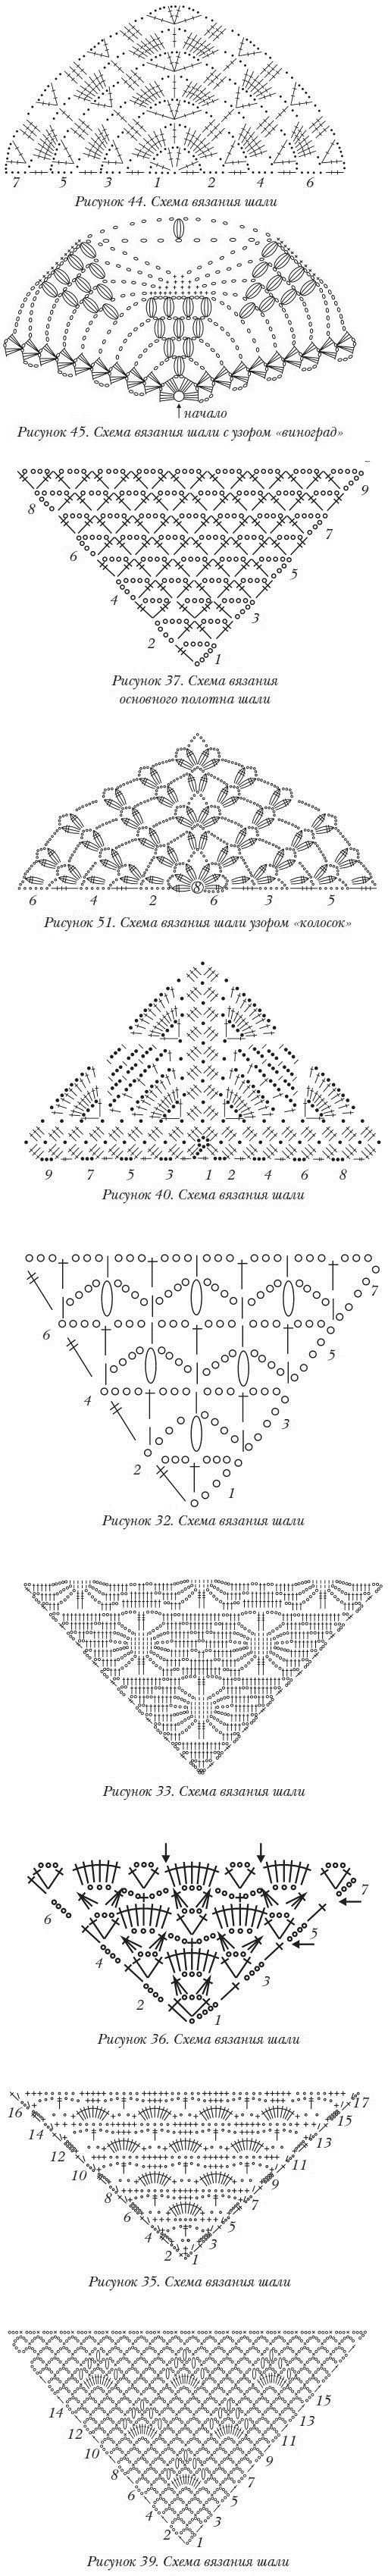 Hækle diagram